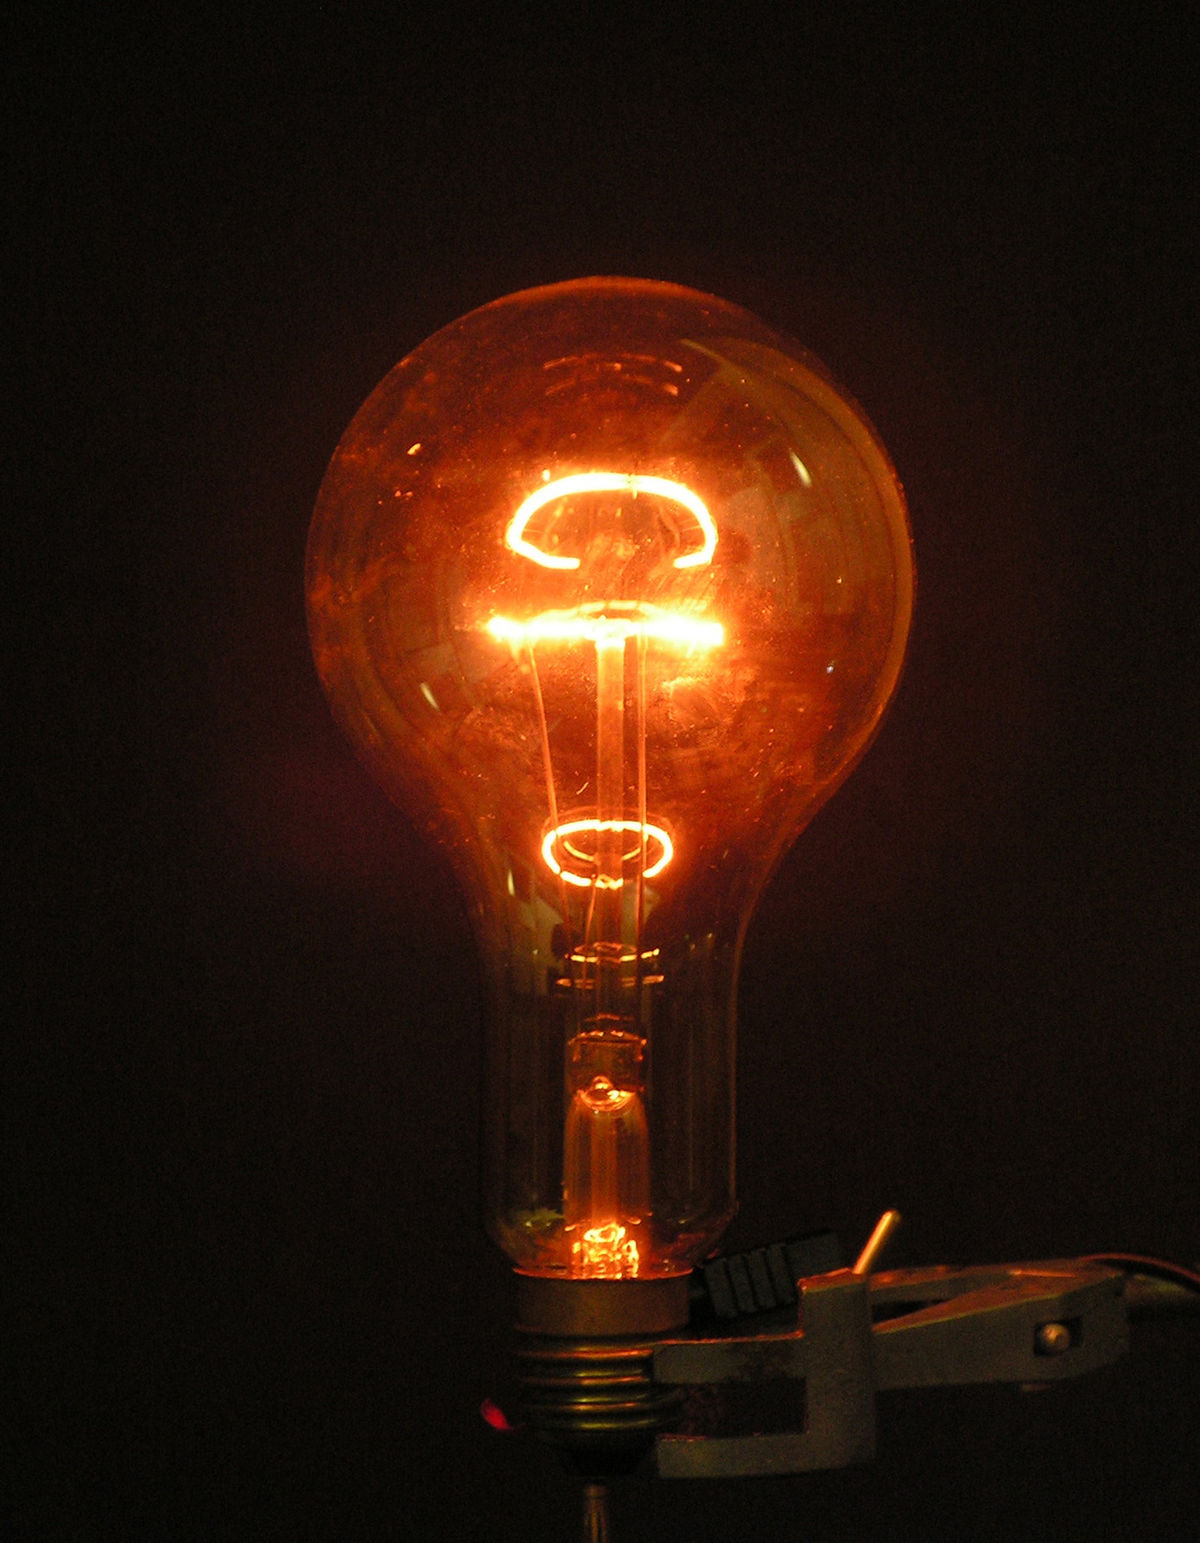 Lampe lectrique wikip dia - La lampe a incandescence ...